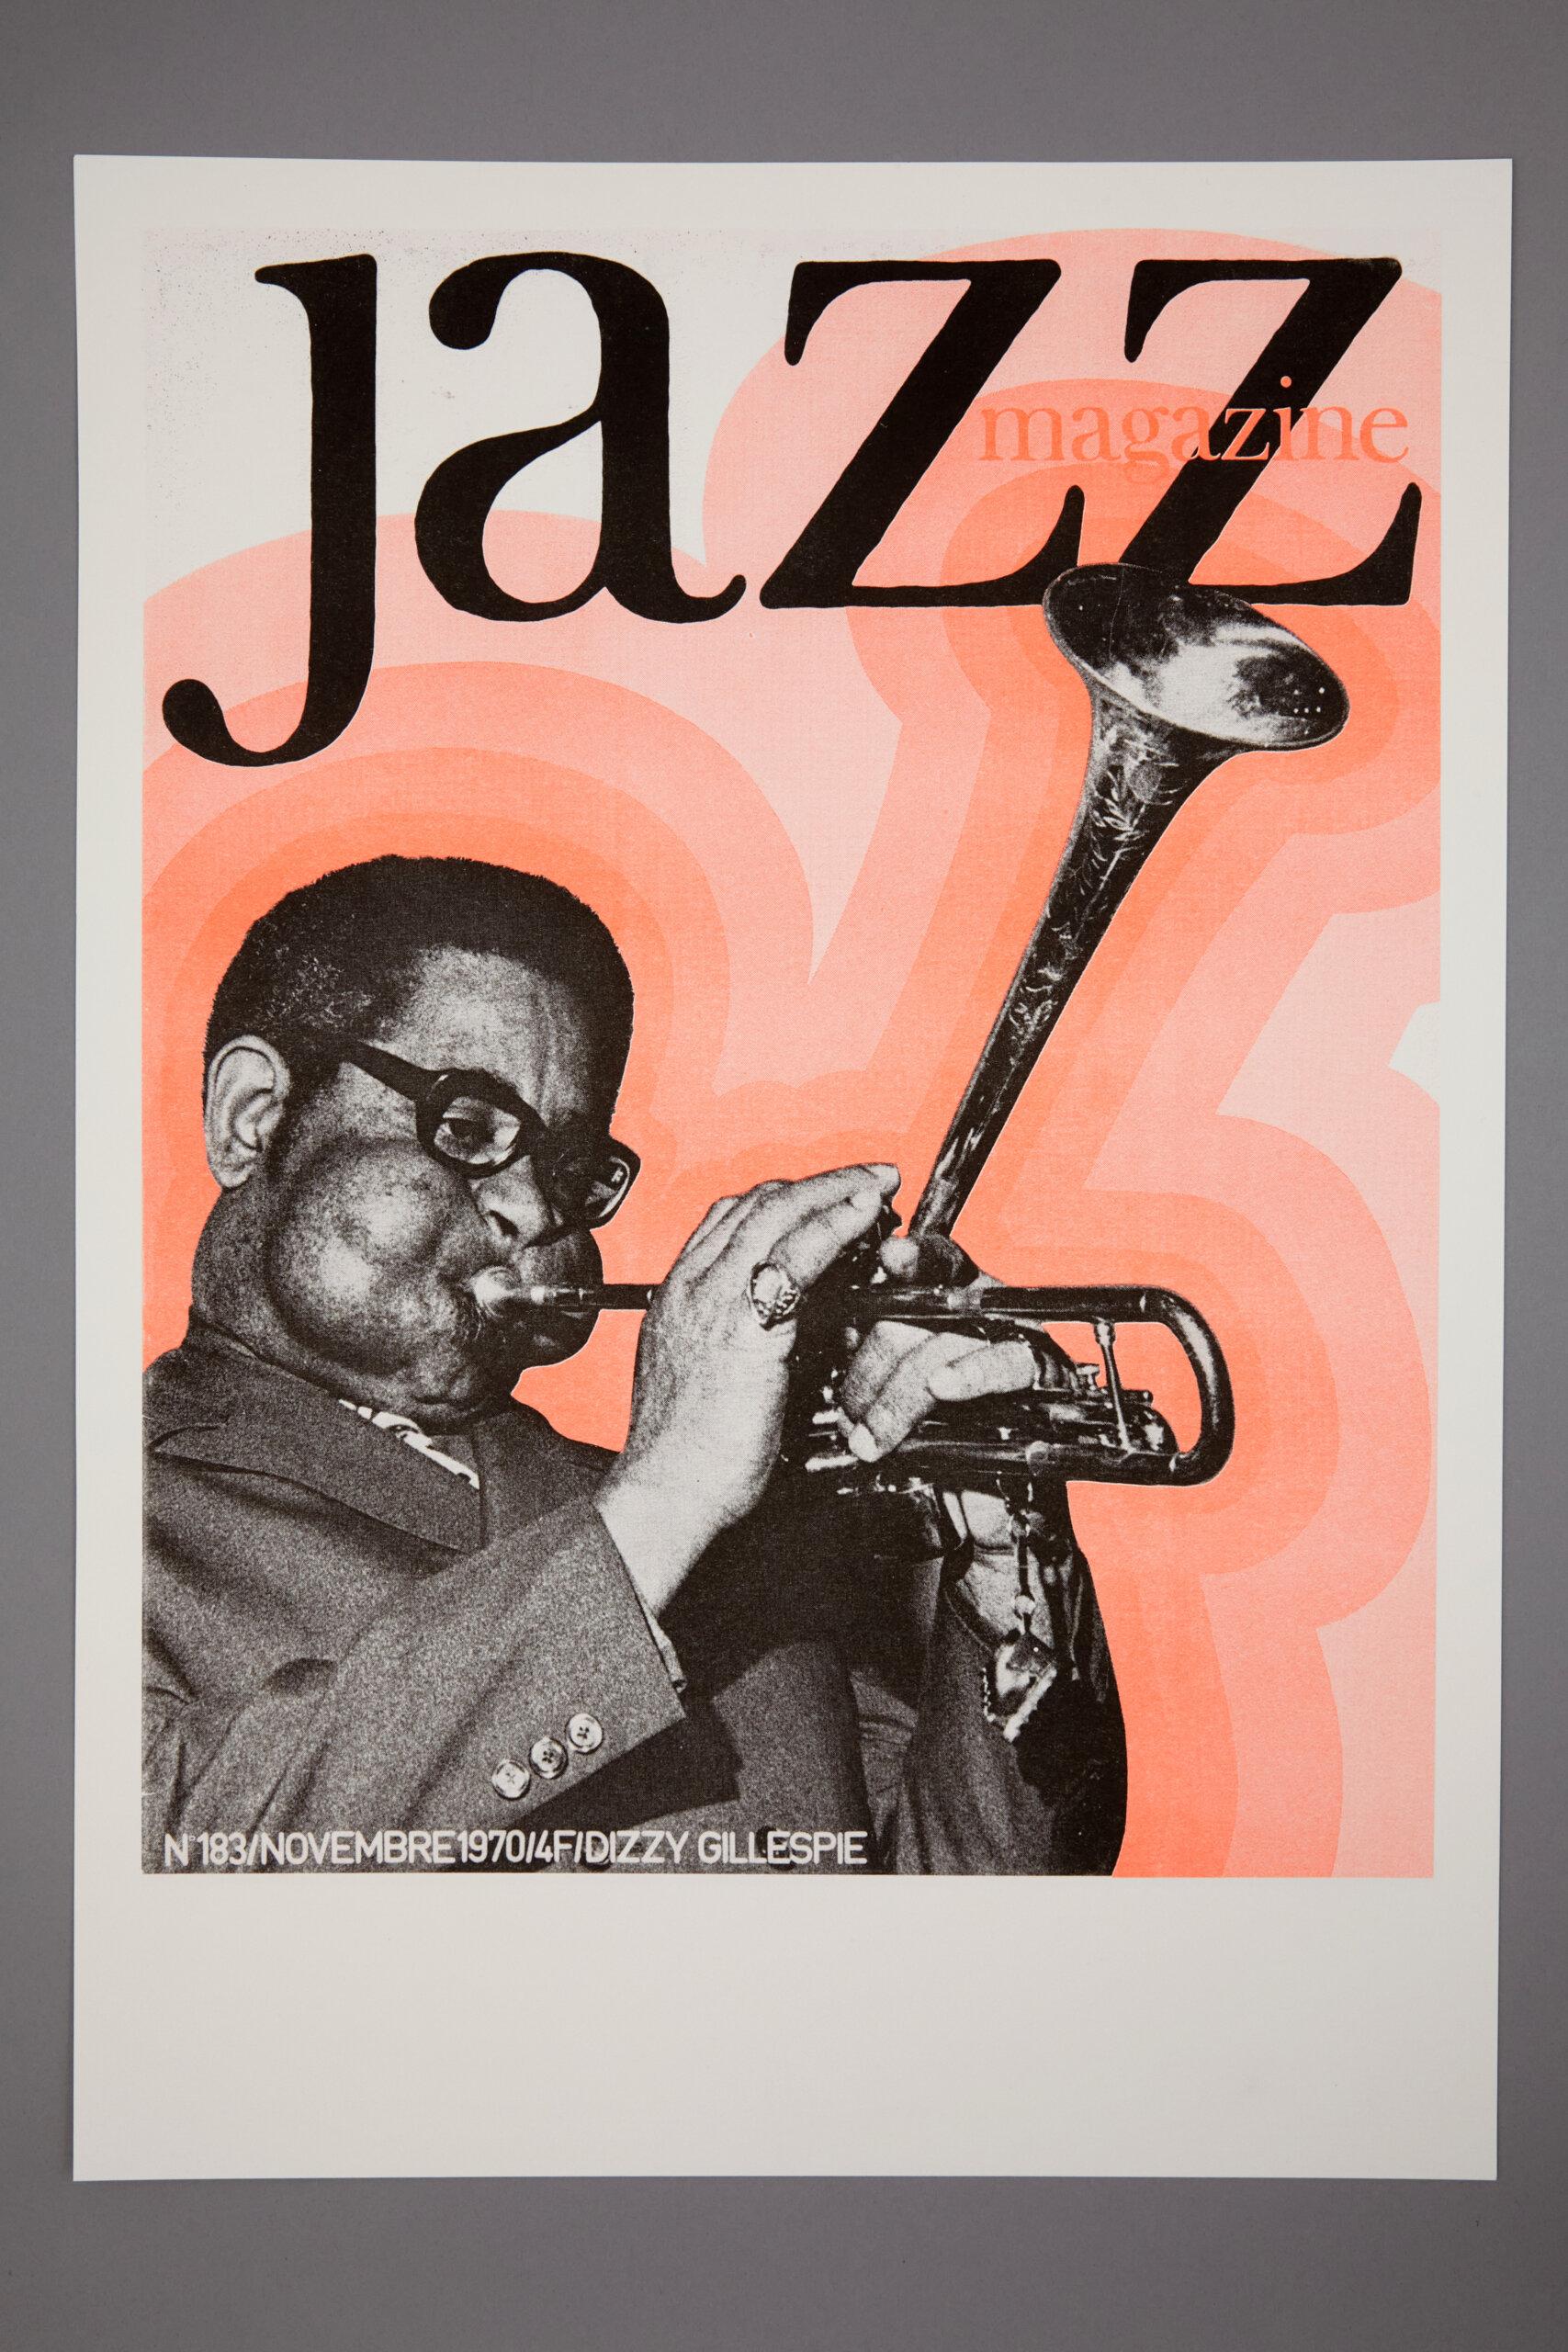 delpire-poster-jazz-mag-dizzy-gillespie